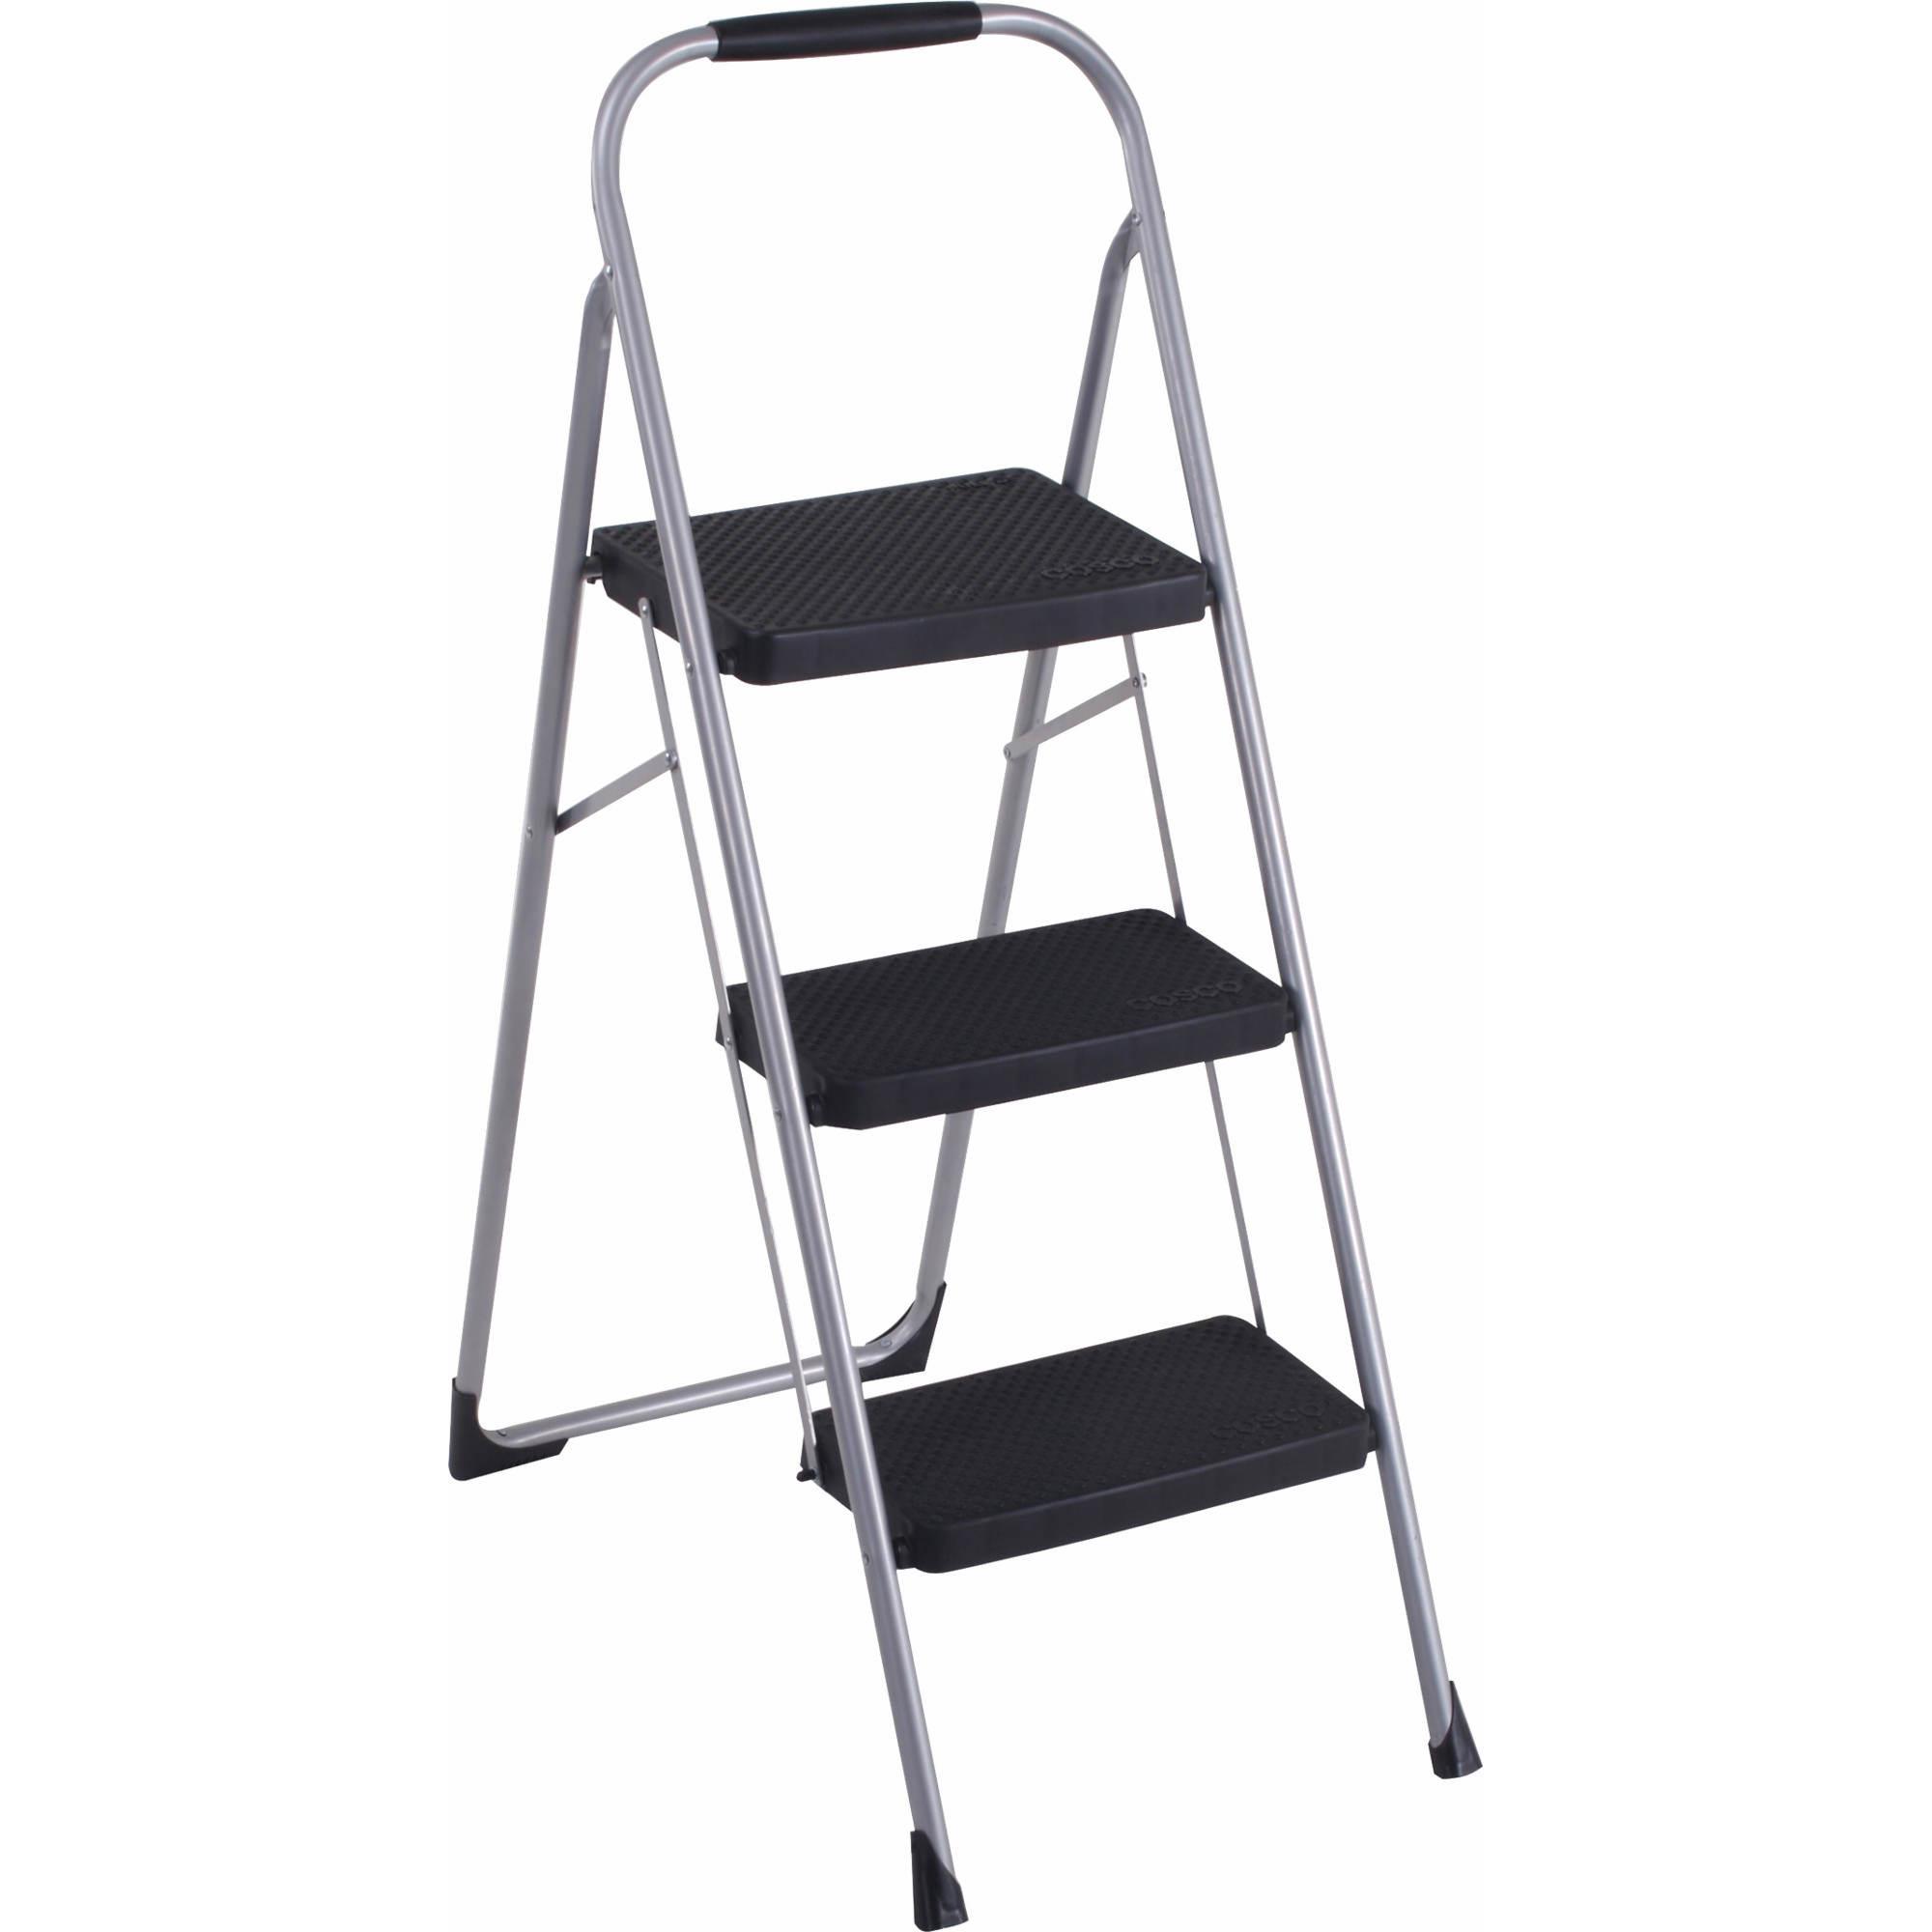 Sensational Lightweight 3 Step Ladder Lights Design Ideas Lamtechconsult Wood Chair Design Ideas Lamtechconsultcom